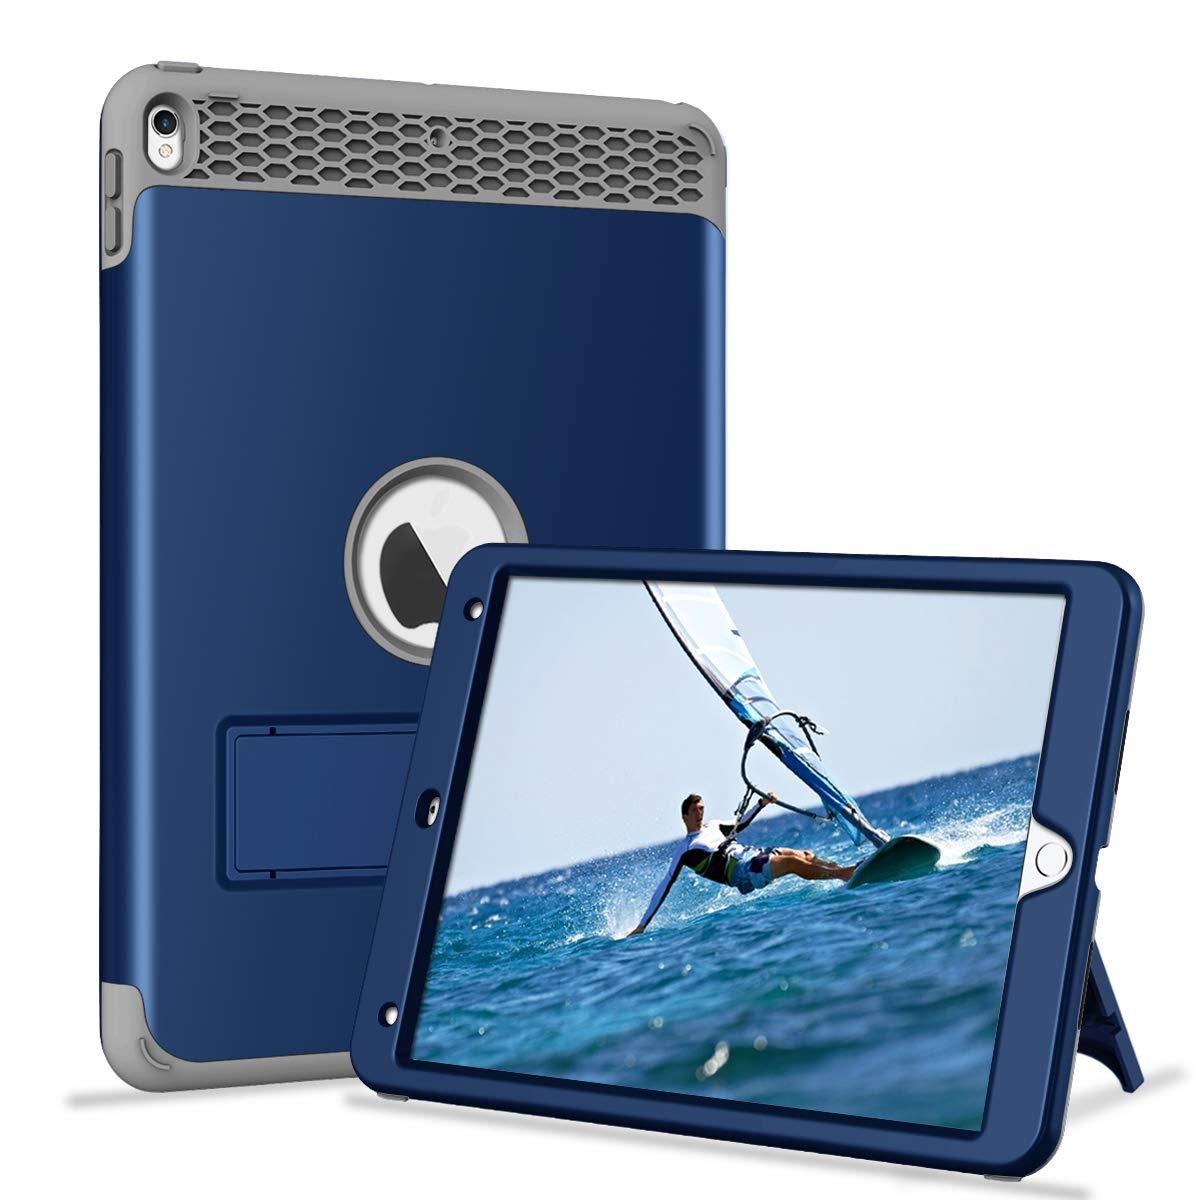 正規代理店 Hocase B07KZVZZRX iPad Pro ネイビーブルー 10.5ケース 耐衝撃保護 iPad キックスタンド付き 高耐久 ハードプラスチック+シリコンラバーバンパー ハイブリッド保護ケース iPad Pro 10.5インチ 2017年モデル A1701/A1709用 - ネイビーブルー B07KZVZZRX, Highball:cb3b460e --- a0267596.xsph.ru